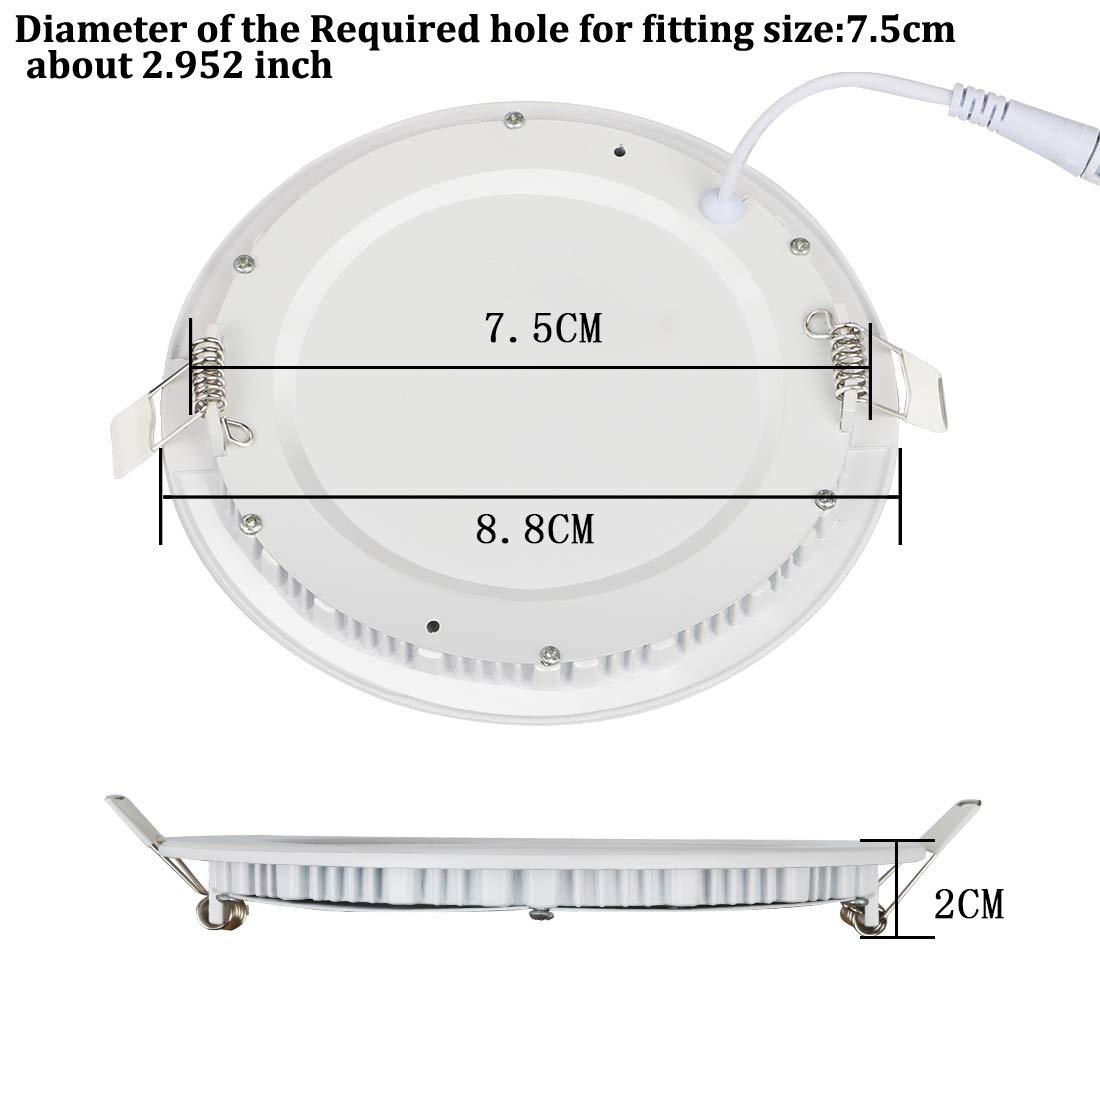 2PACK LED Deckenleuchte LED Panellampe Einbaustrahler Einbauleuchten Round 3W 4000K Neutral White LED Downlight Ultra schlanke Lampe Scheinwerfer f/ür K/üche Bad Gang Lochgr/ö/ße 7.5CM